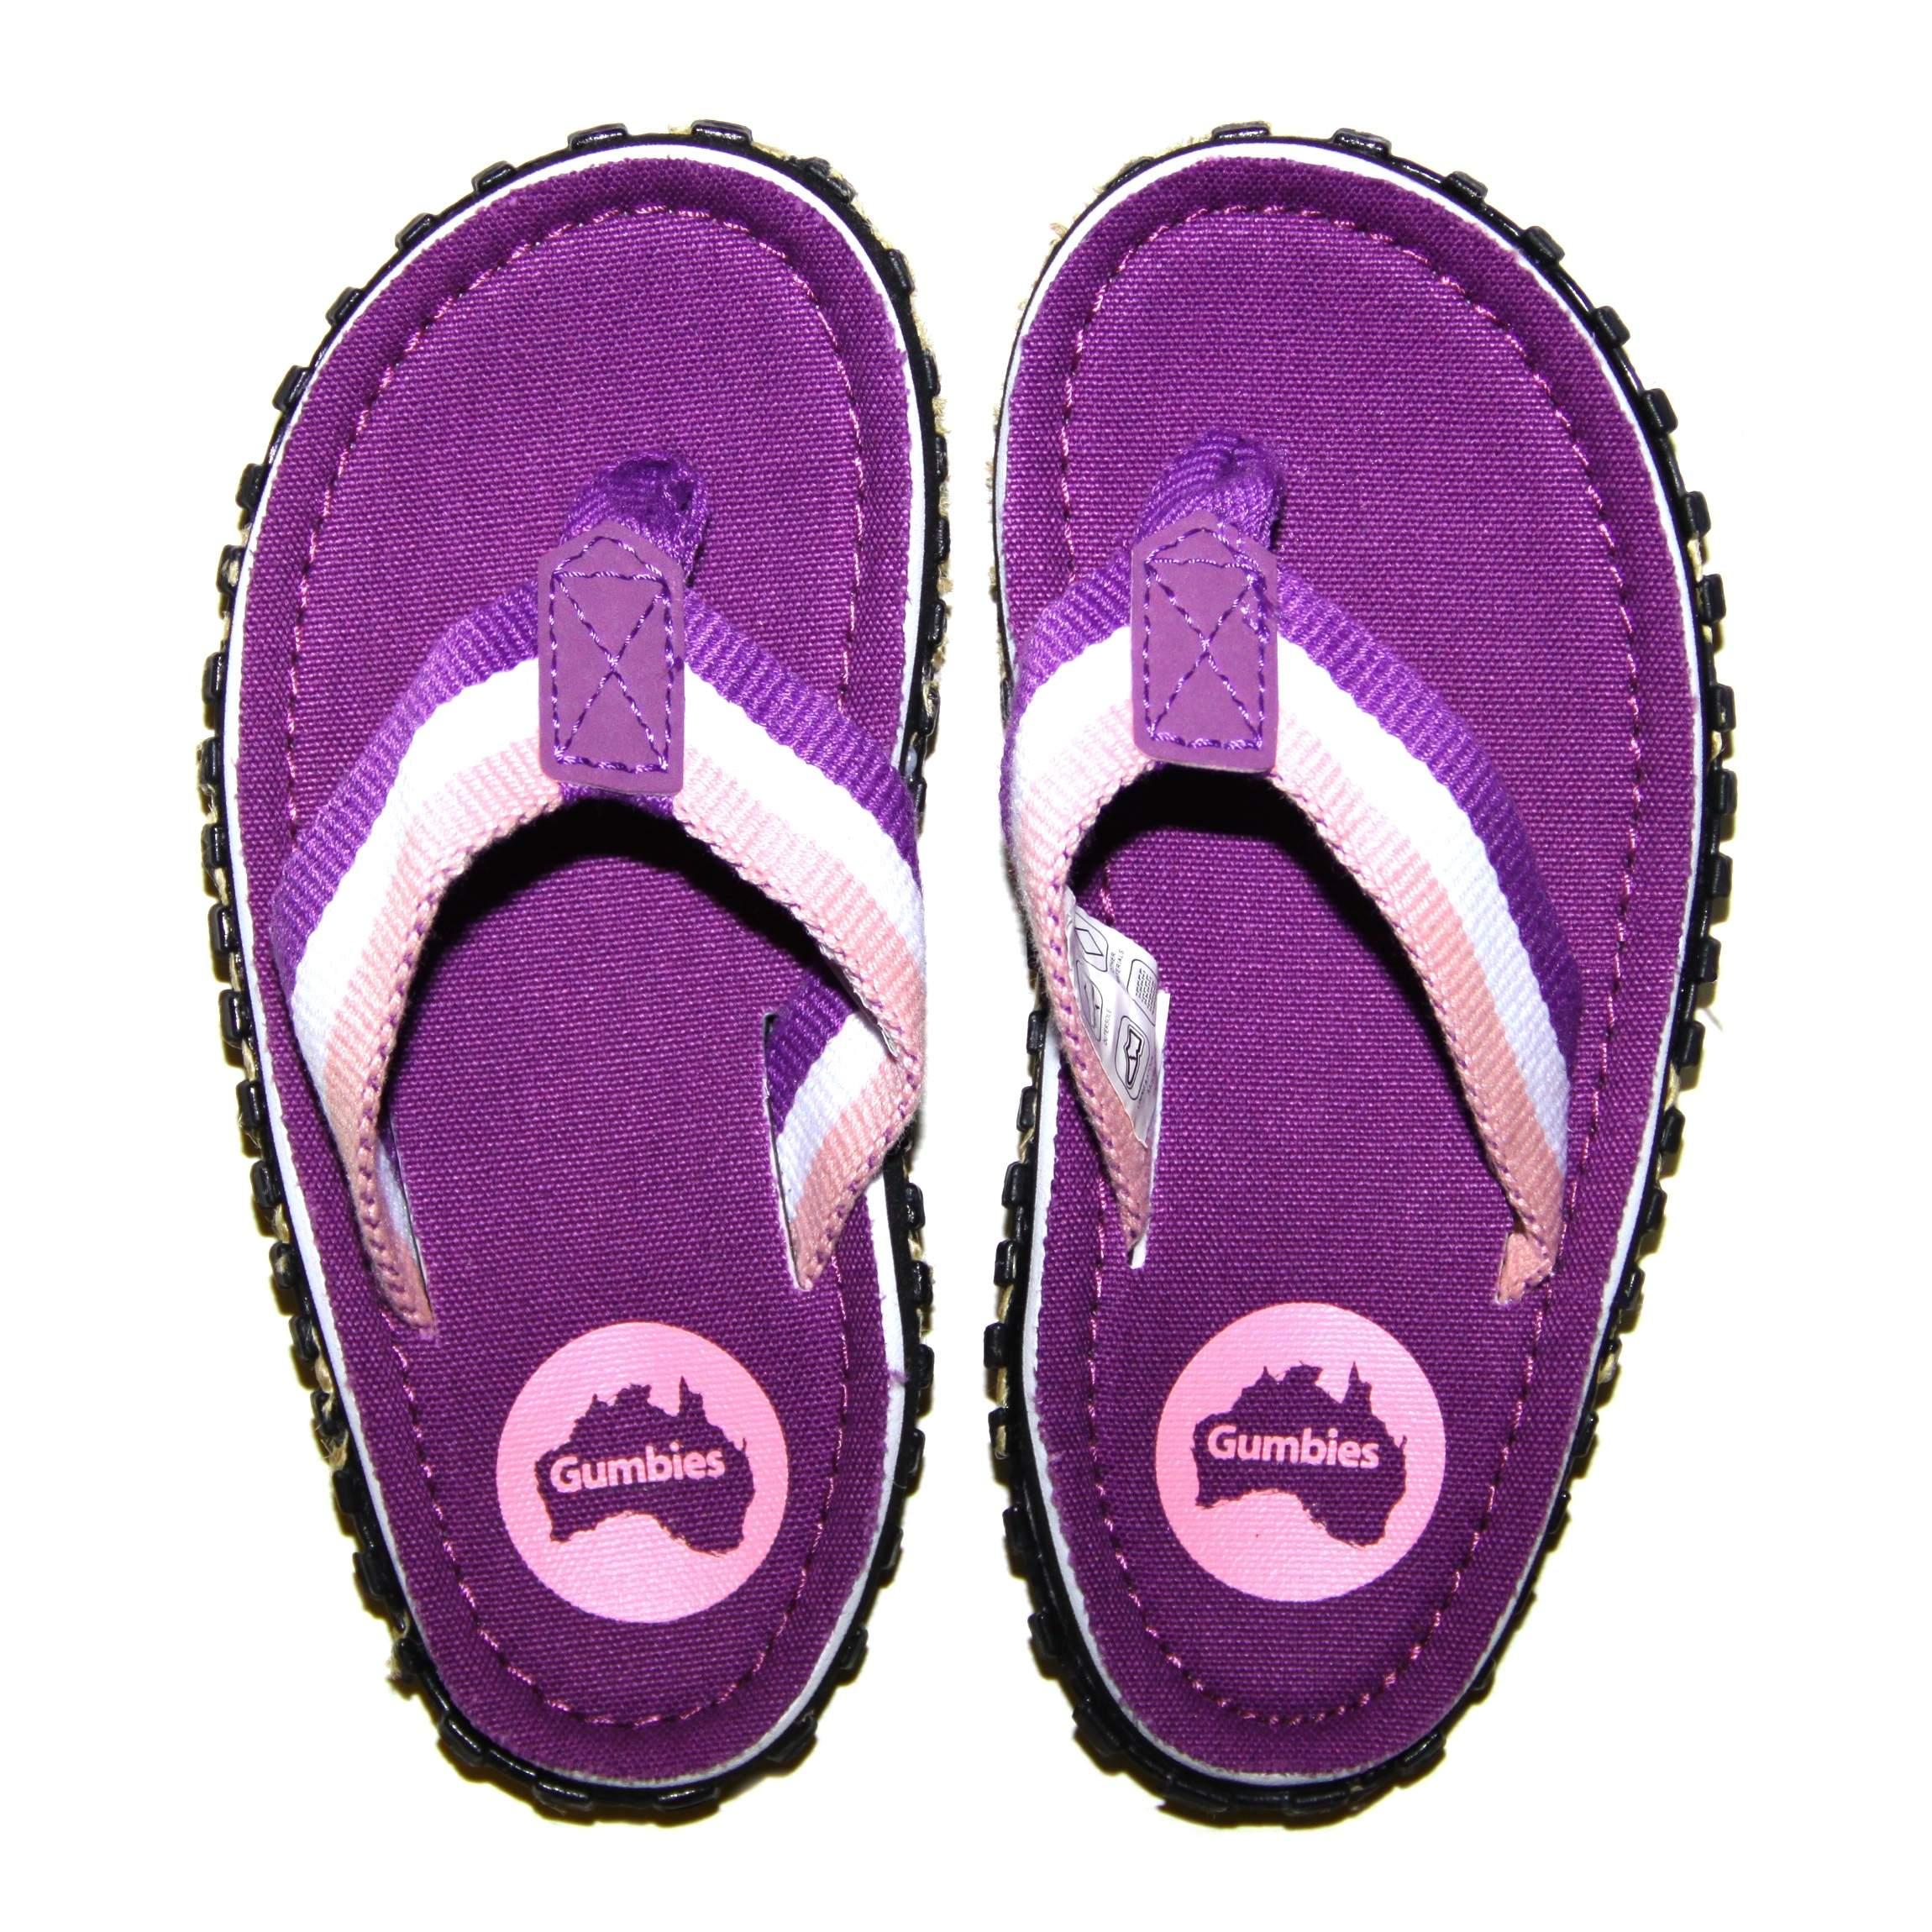 BNWT New Girls Purple Gumbies Islander Flip Flops Sandals Size 1